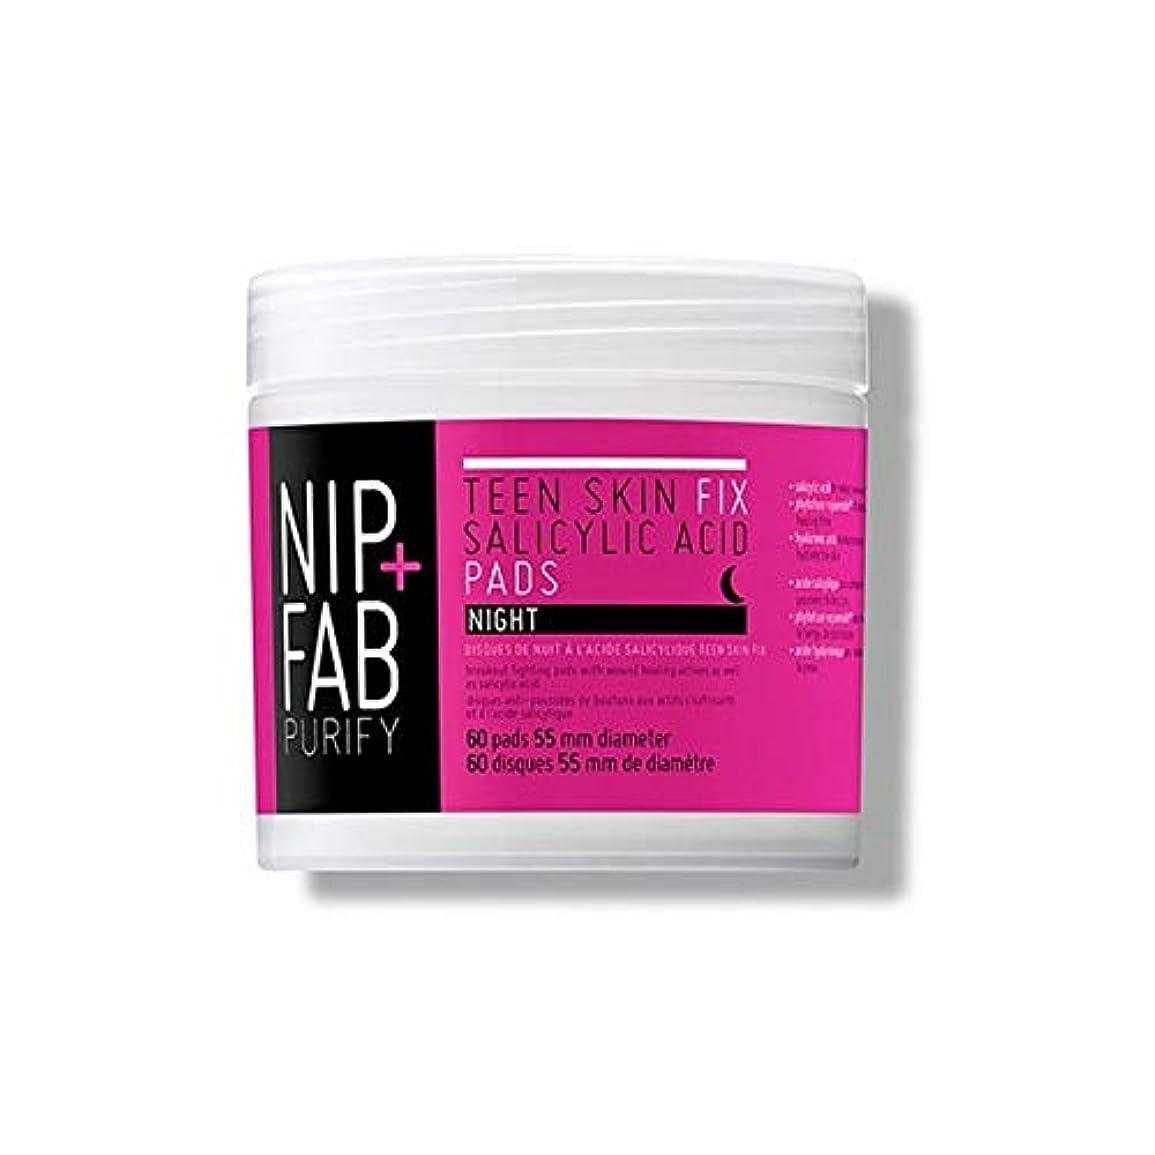 無視魅力的であることへのアピール塩辛い[Nip & Fab ] + Fab十代の肌サリチル酸夜用パッド80ミリリットルニップ - Nip+Fab Teen Skin Salicylic Acid Night Pads 80ml [並行輸入品]